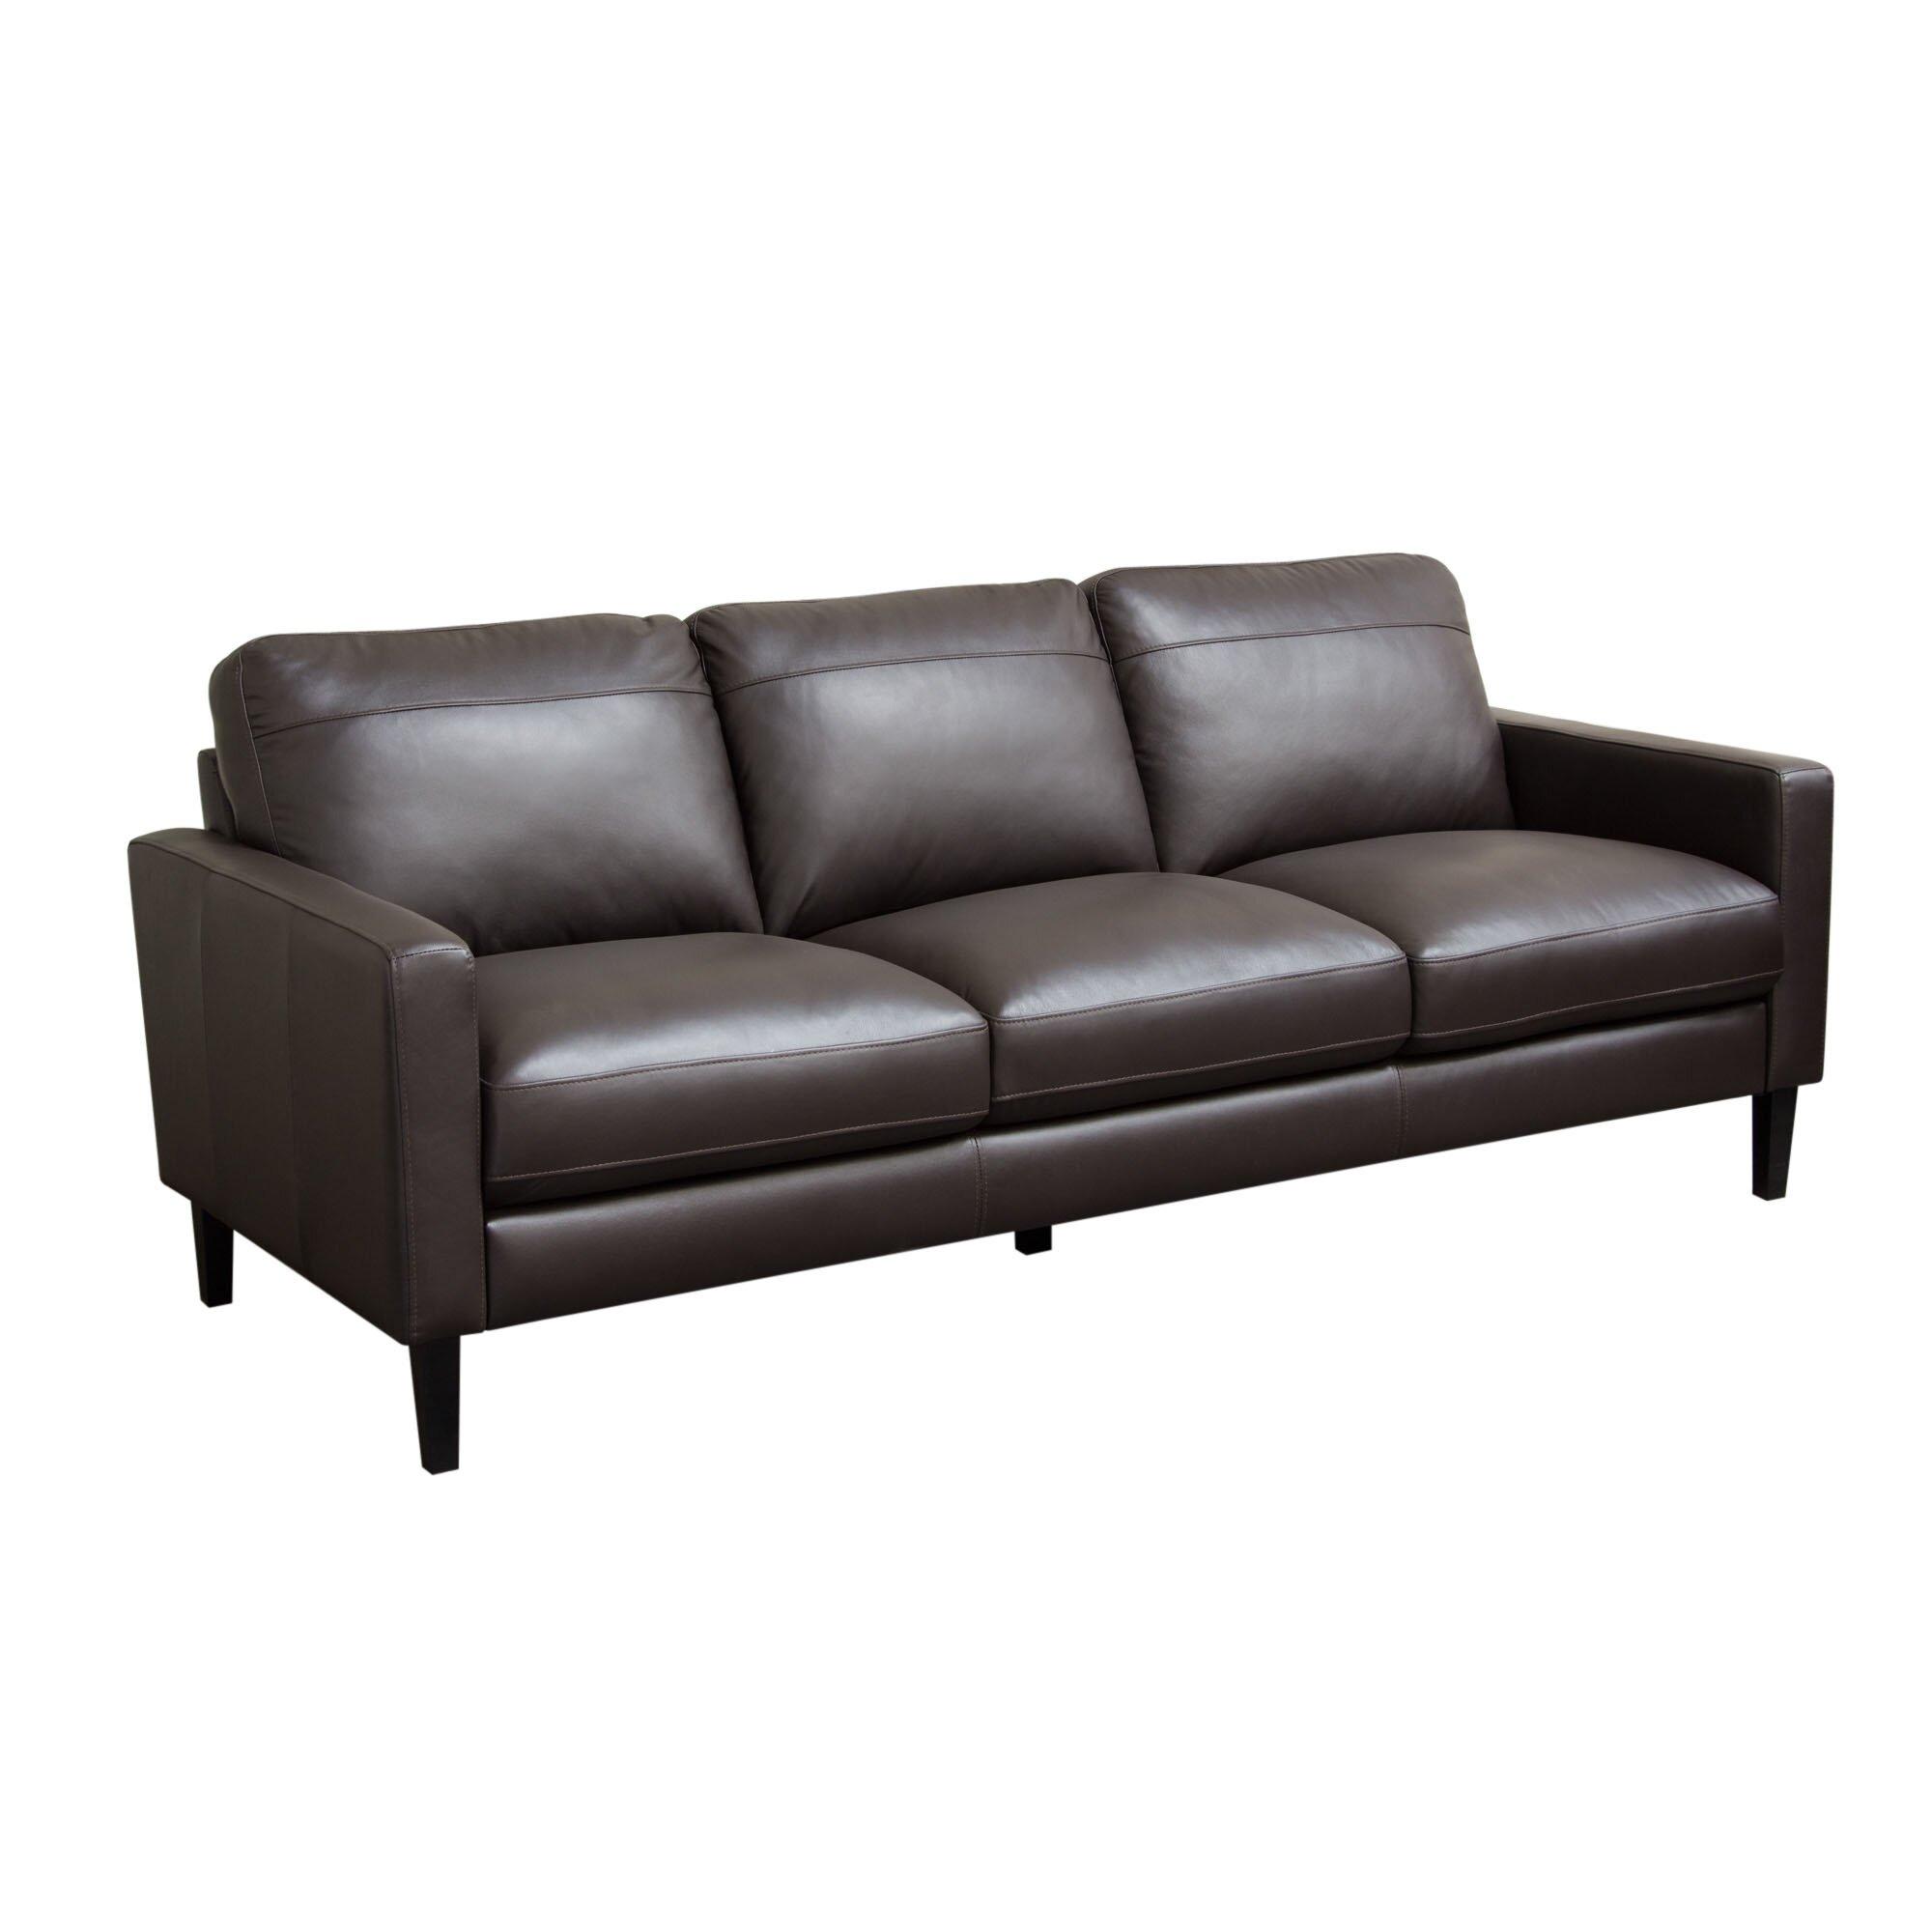 Diamond sofa omega full leather sofa reviews wayfair for Leather sofa reviews